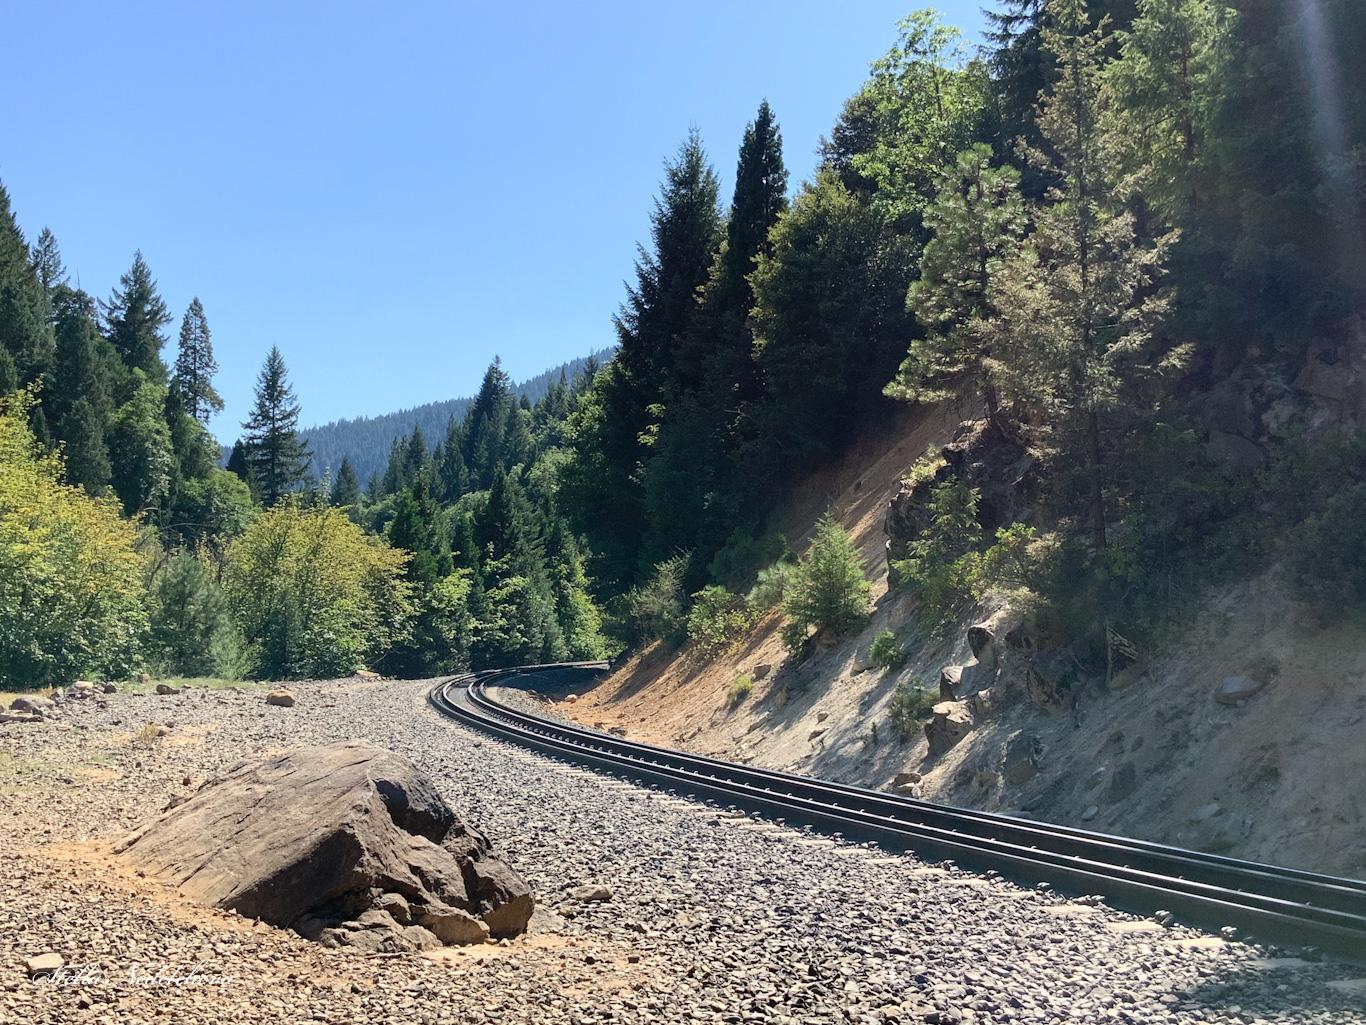 Chemin de fer dans la nature en Californie